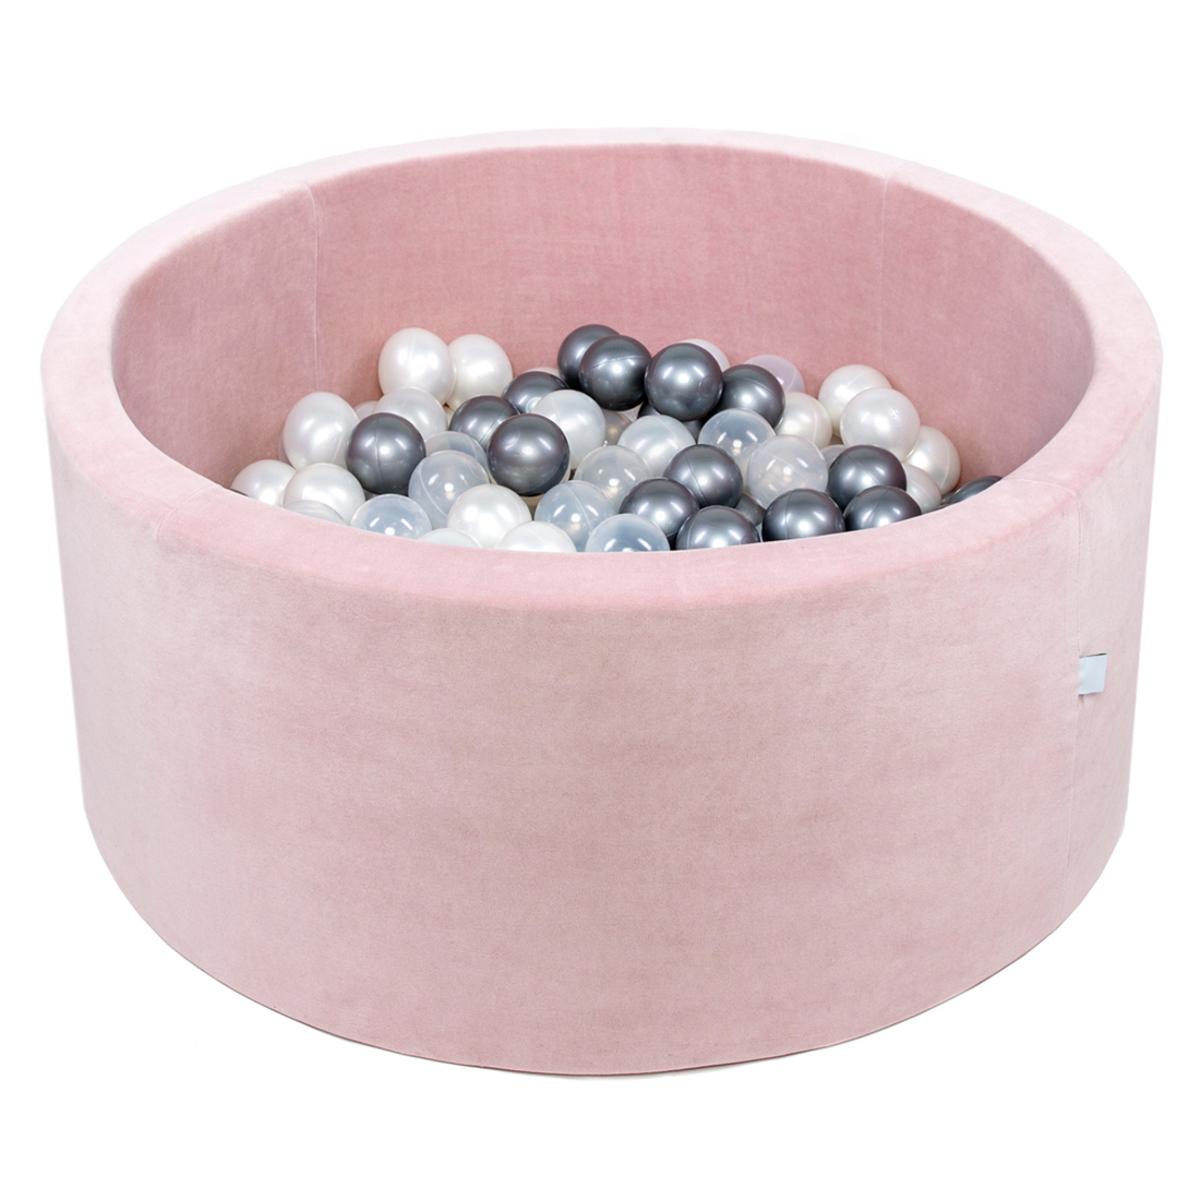 Mes premiers jouets Piscine à Balles Rose Pale 100 x 40 cm + 400 Balles